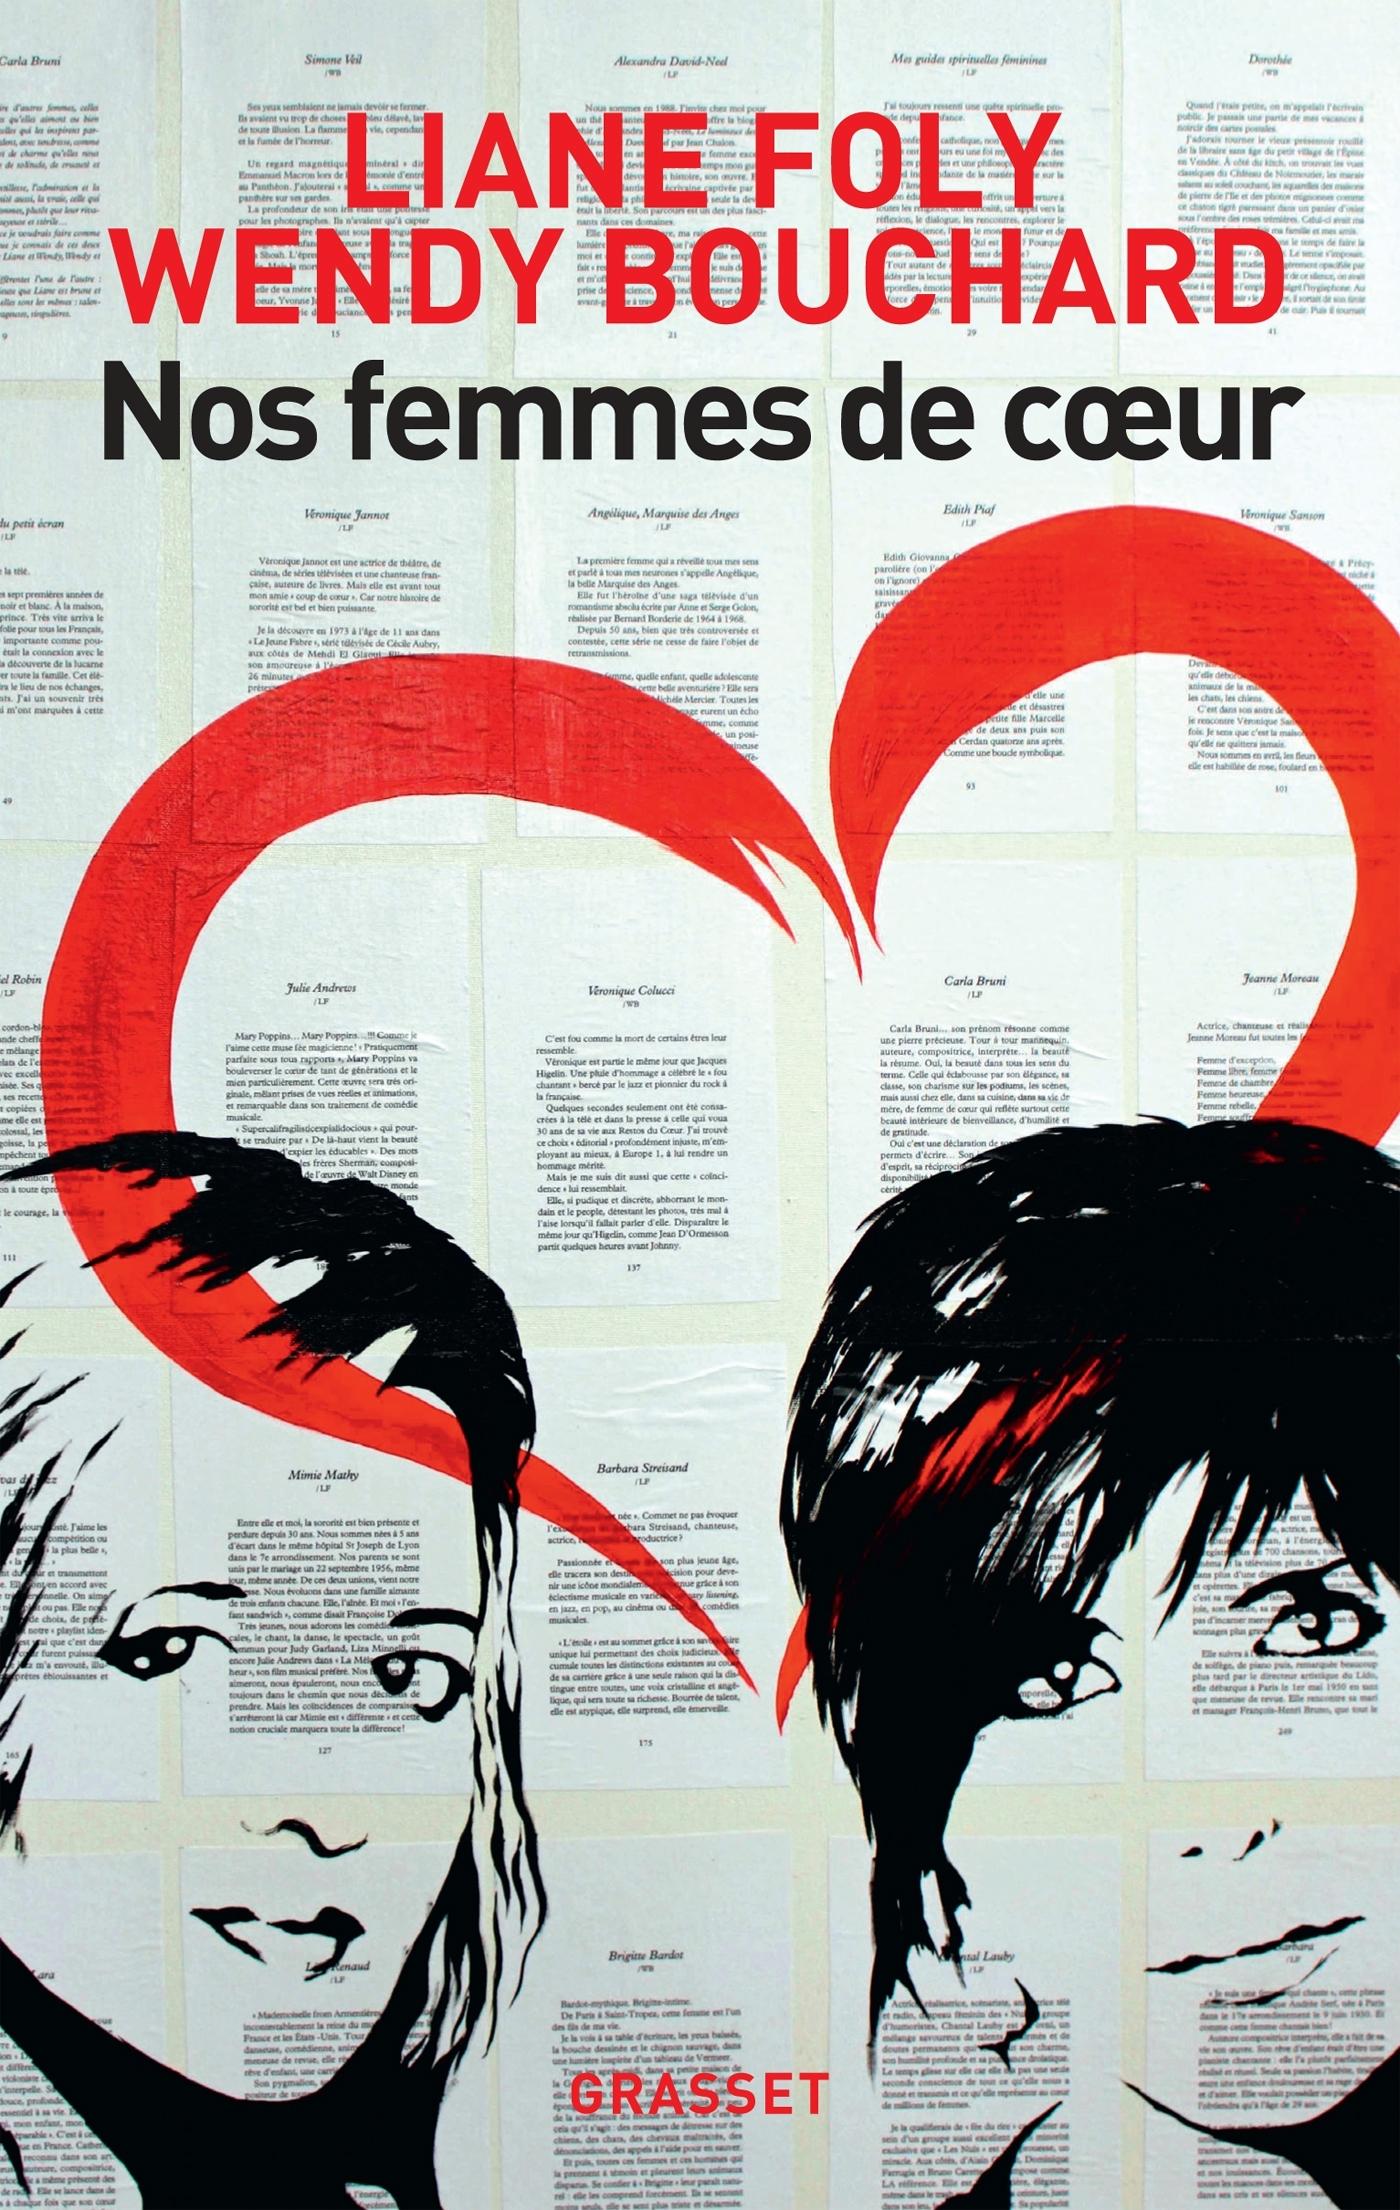 NOS FEMMES DE COEUR